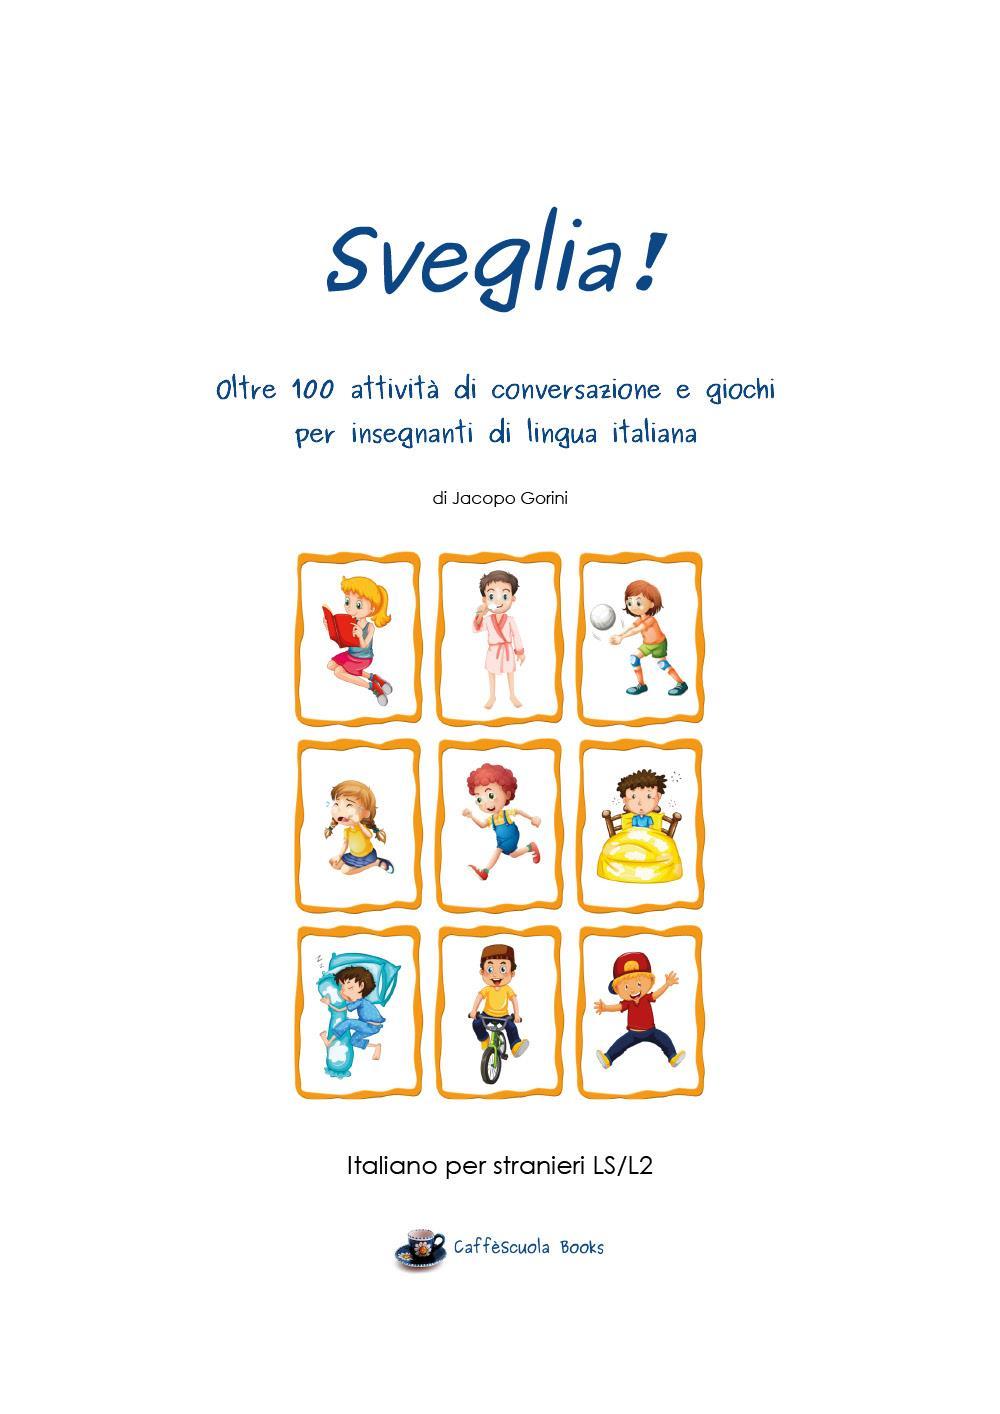 Sveglia! - Oltre 100 attività di conversazione e giochi per insegnanti di lingua italiana